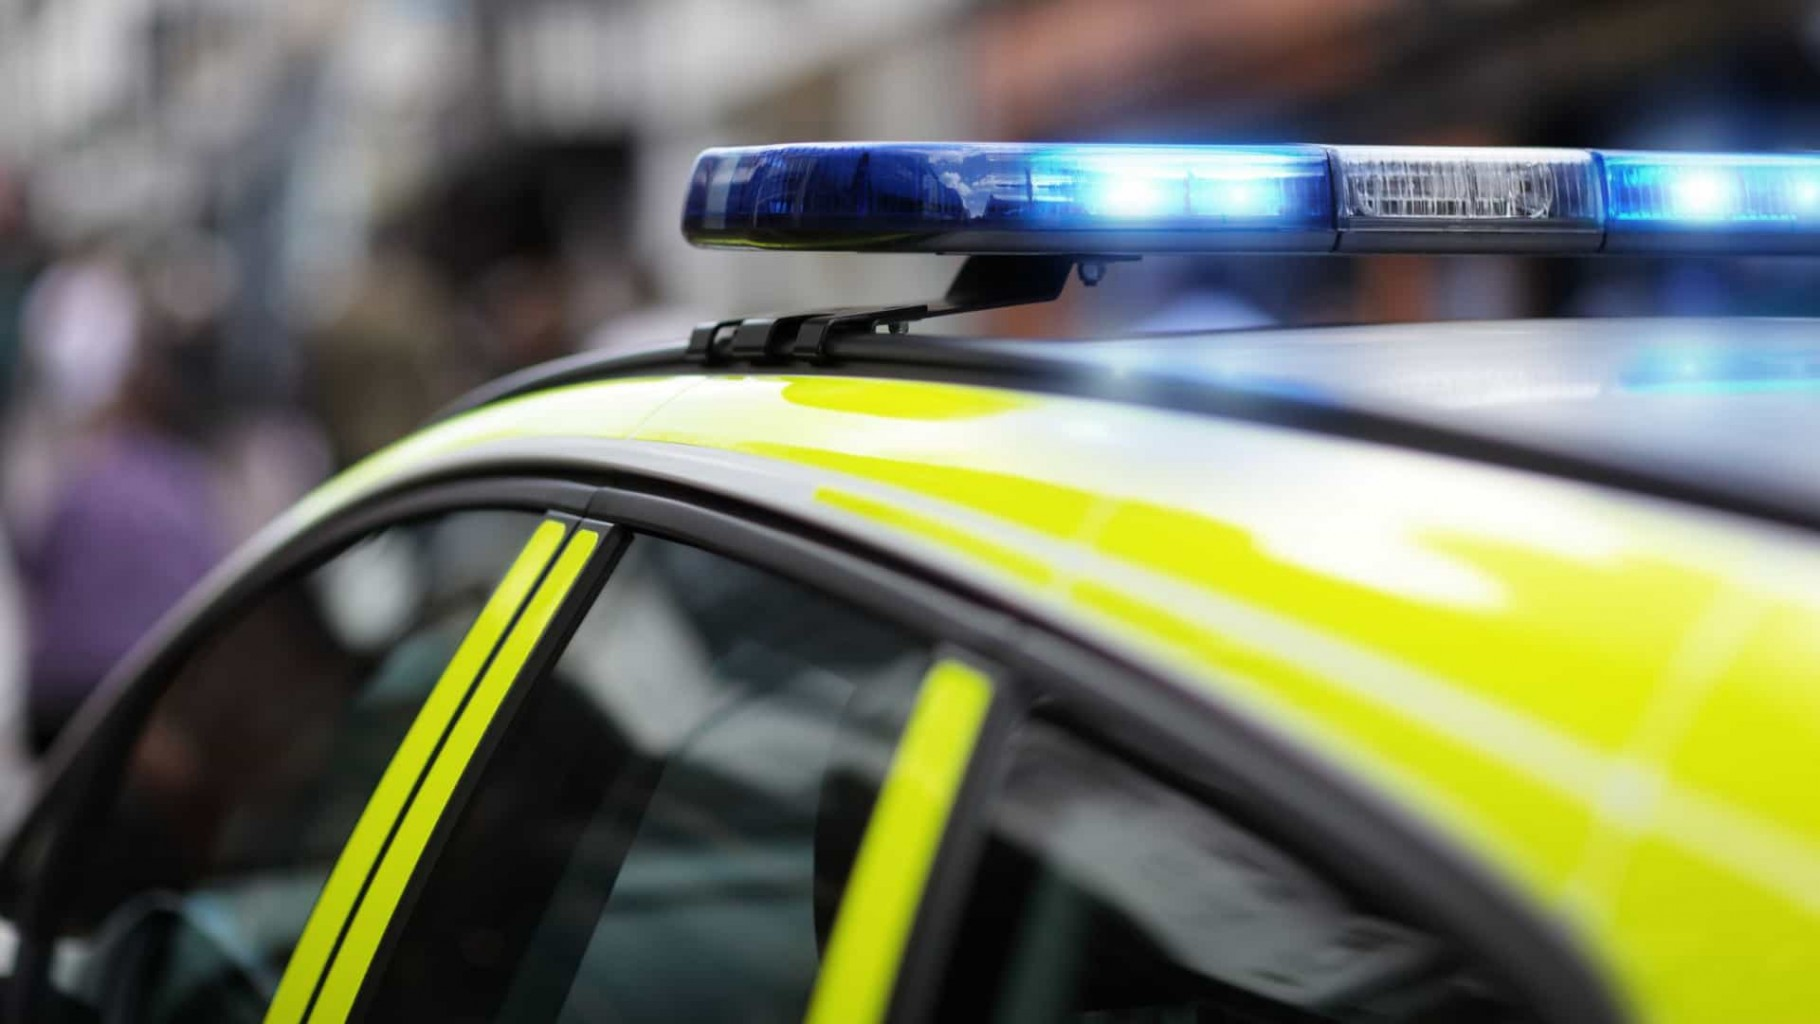 Jovem moldavo encontrado morto com rebarbadora na garganta em Braga